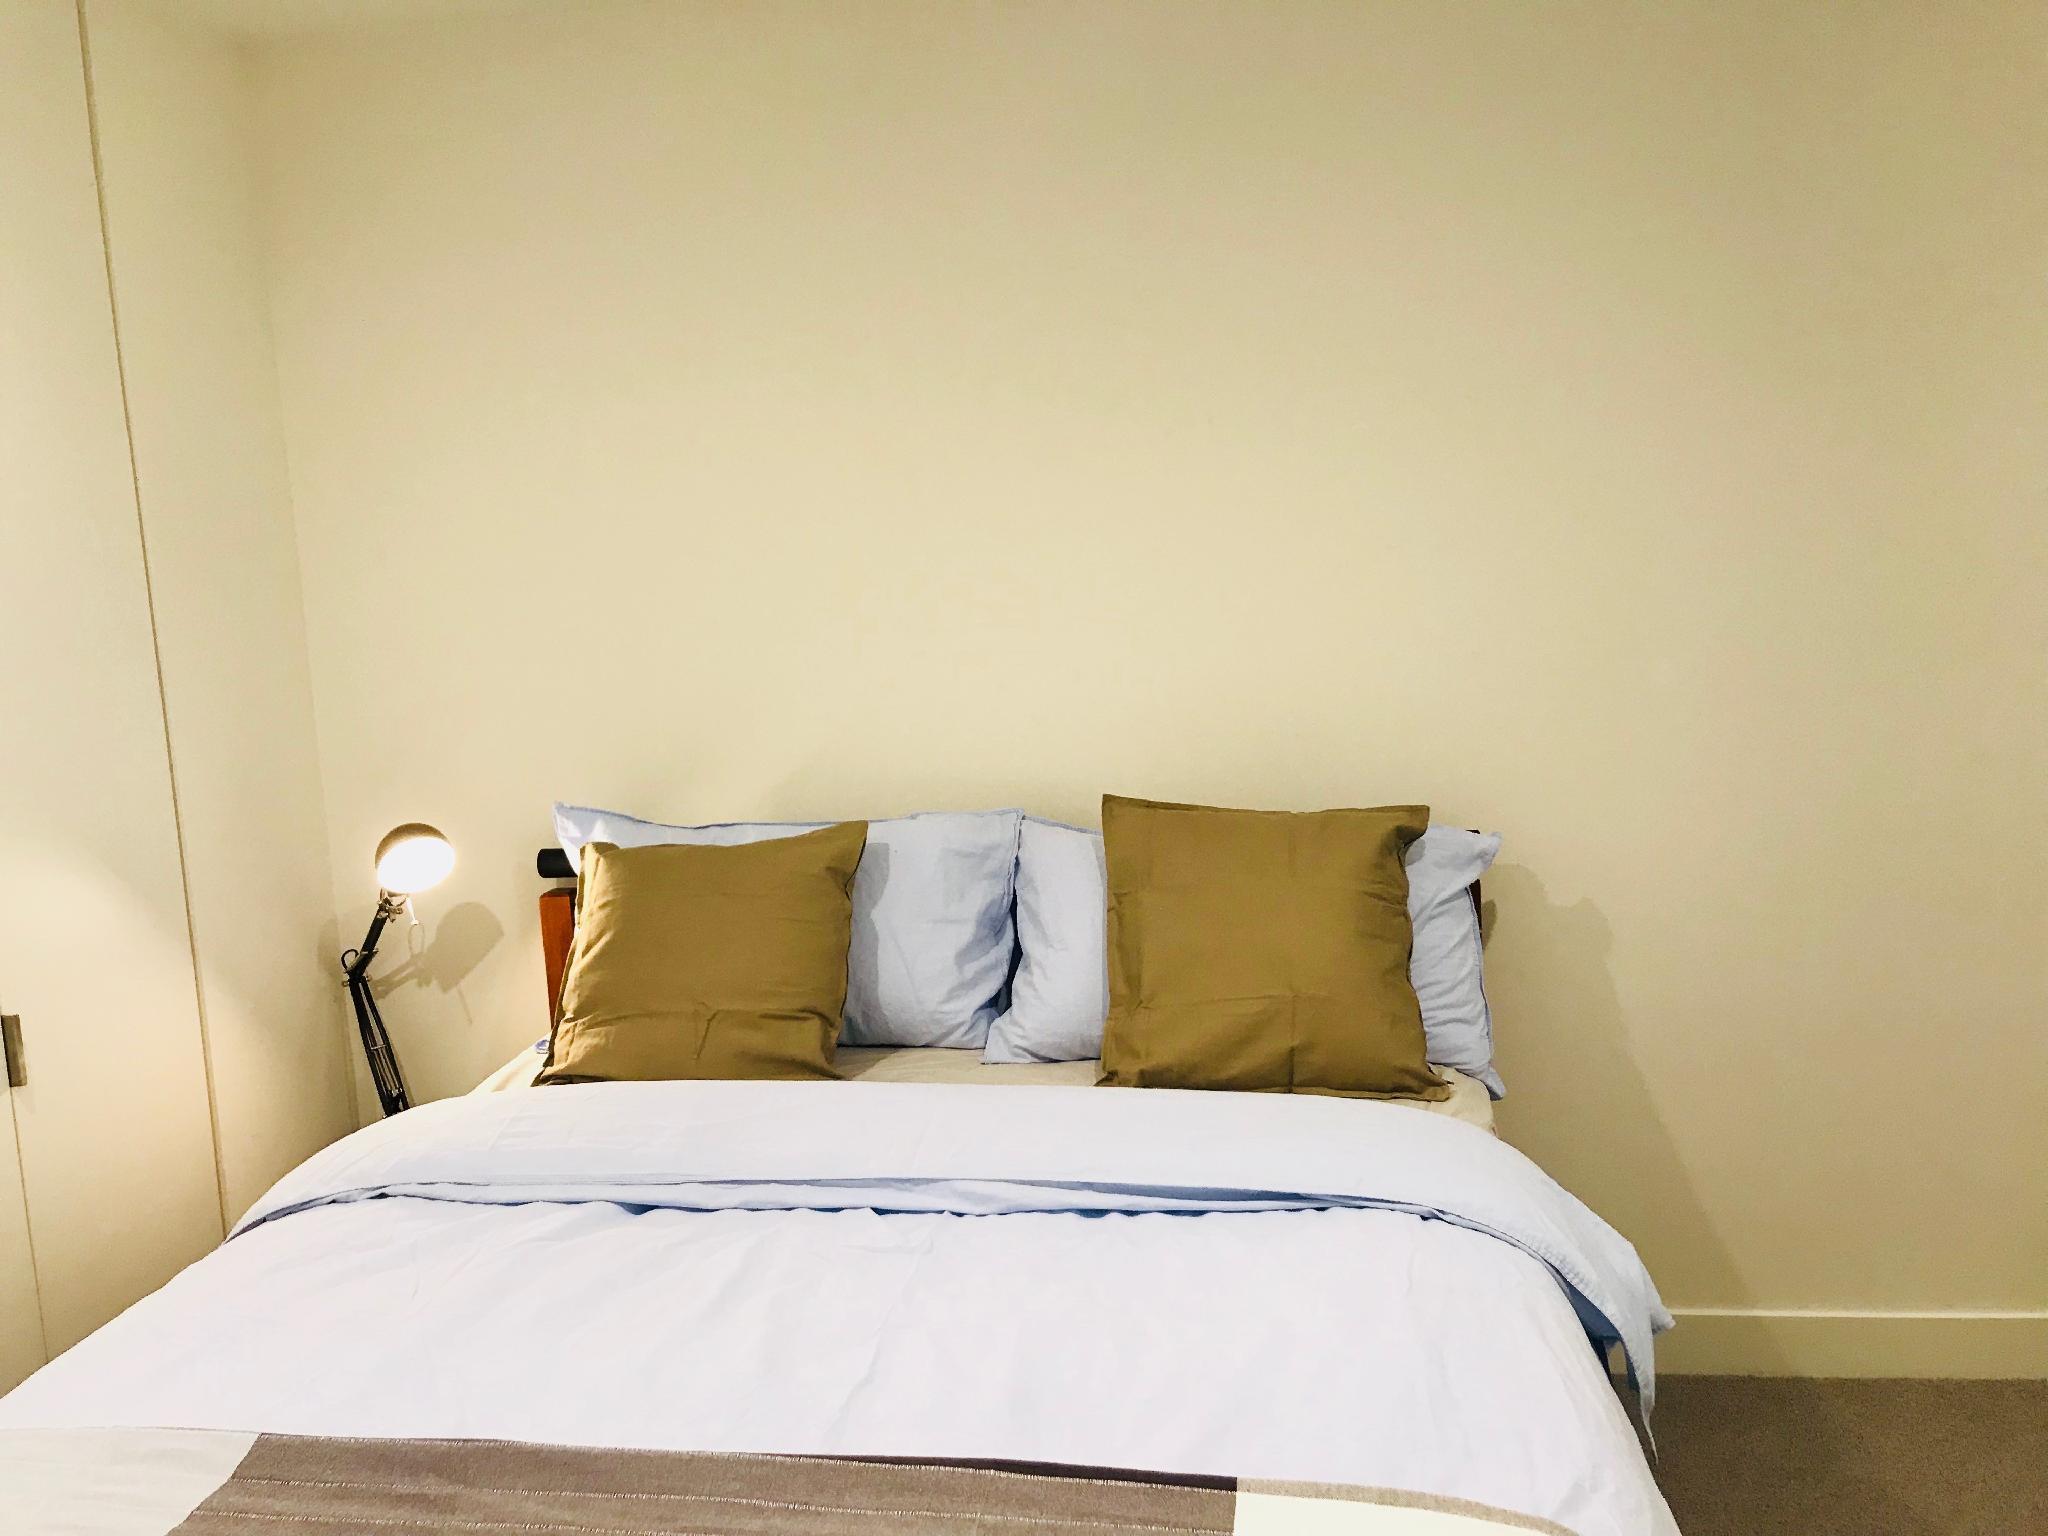 AUMB18 1 Cosy Private Room And Bath Next Mel CBD